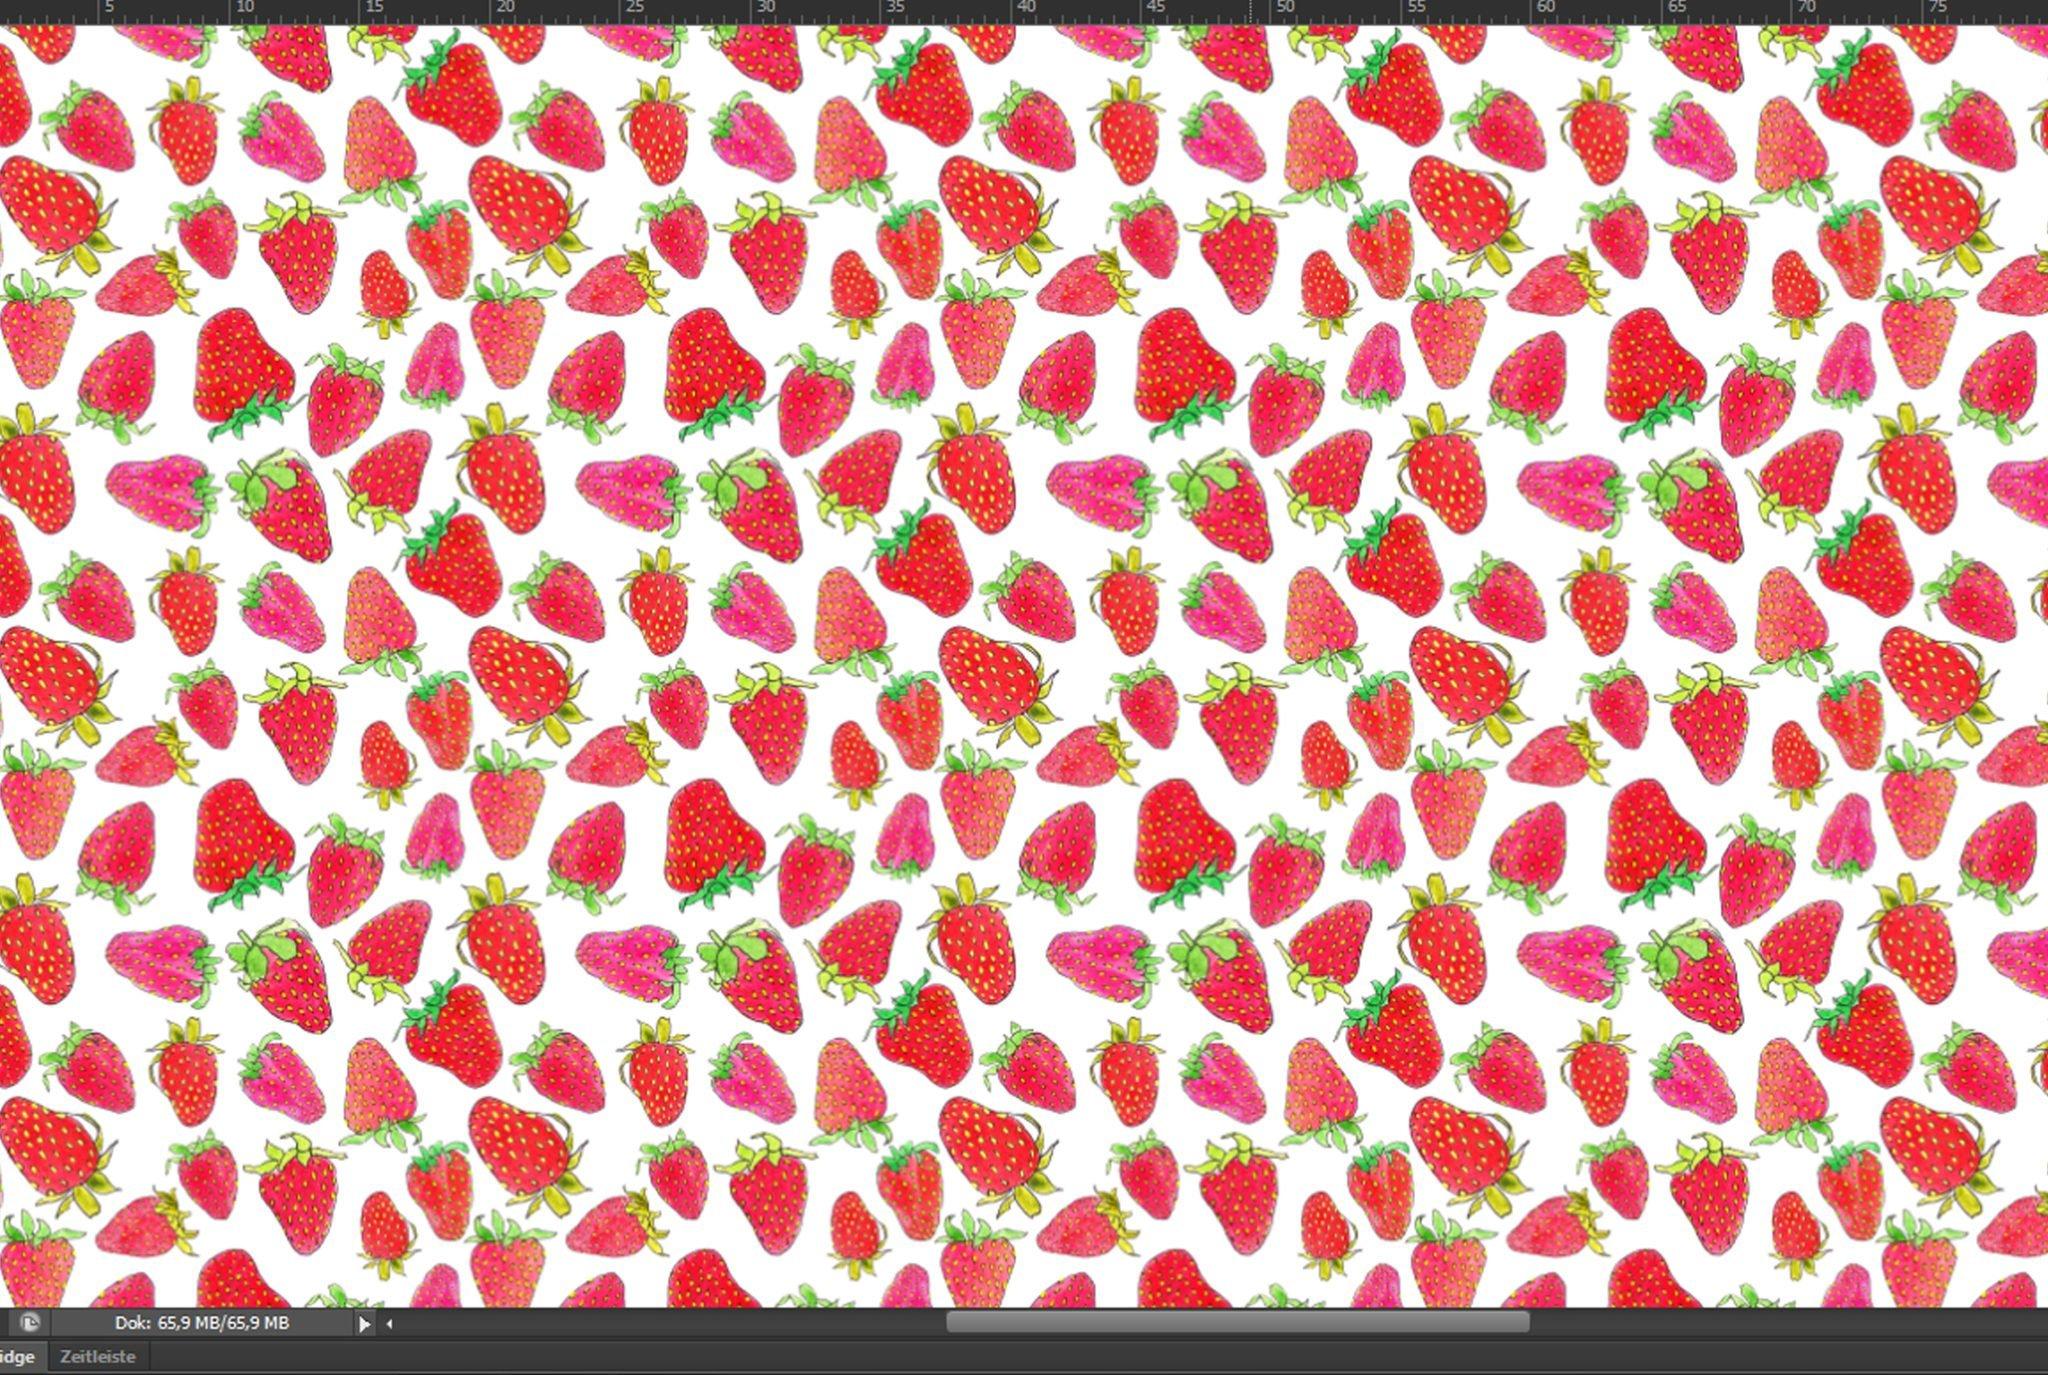 Schritt 8 Muster überprüfen - So sieht das fertige Erdbeer - Muster von Ms-Hey! aus